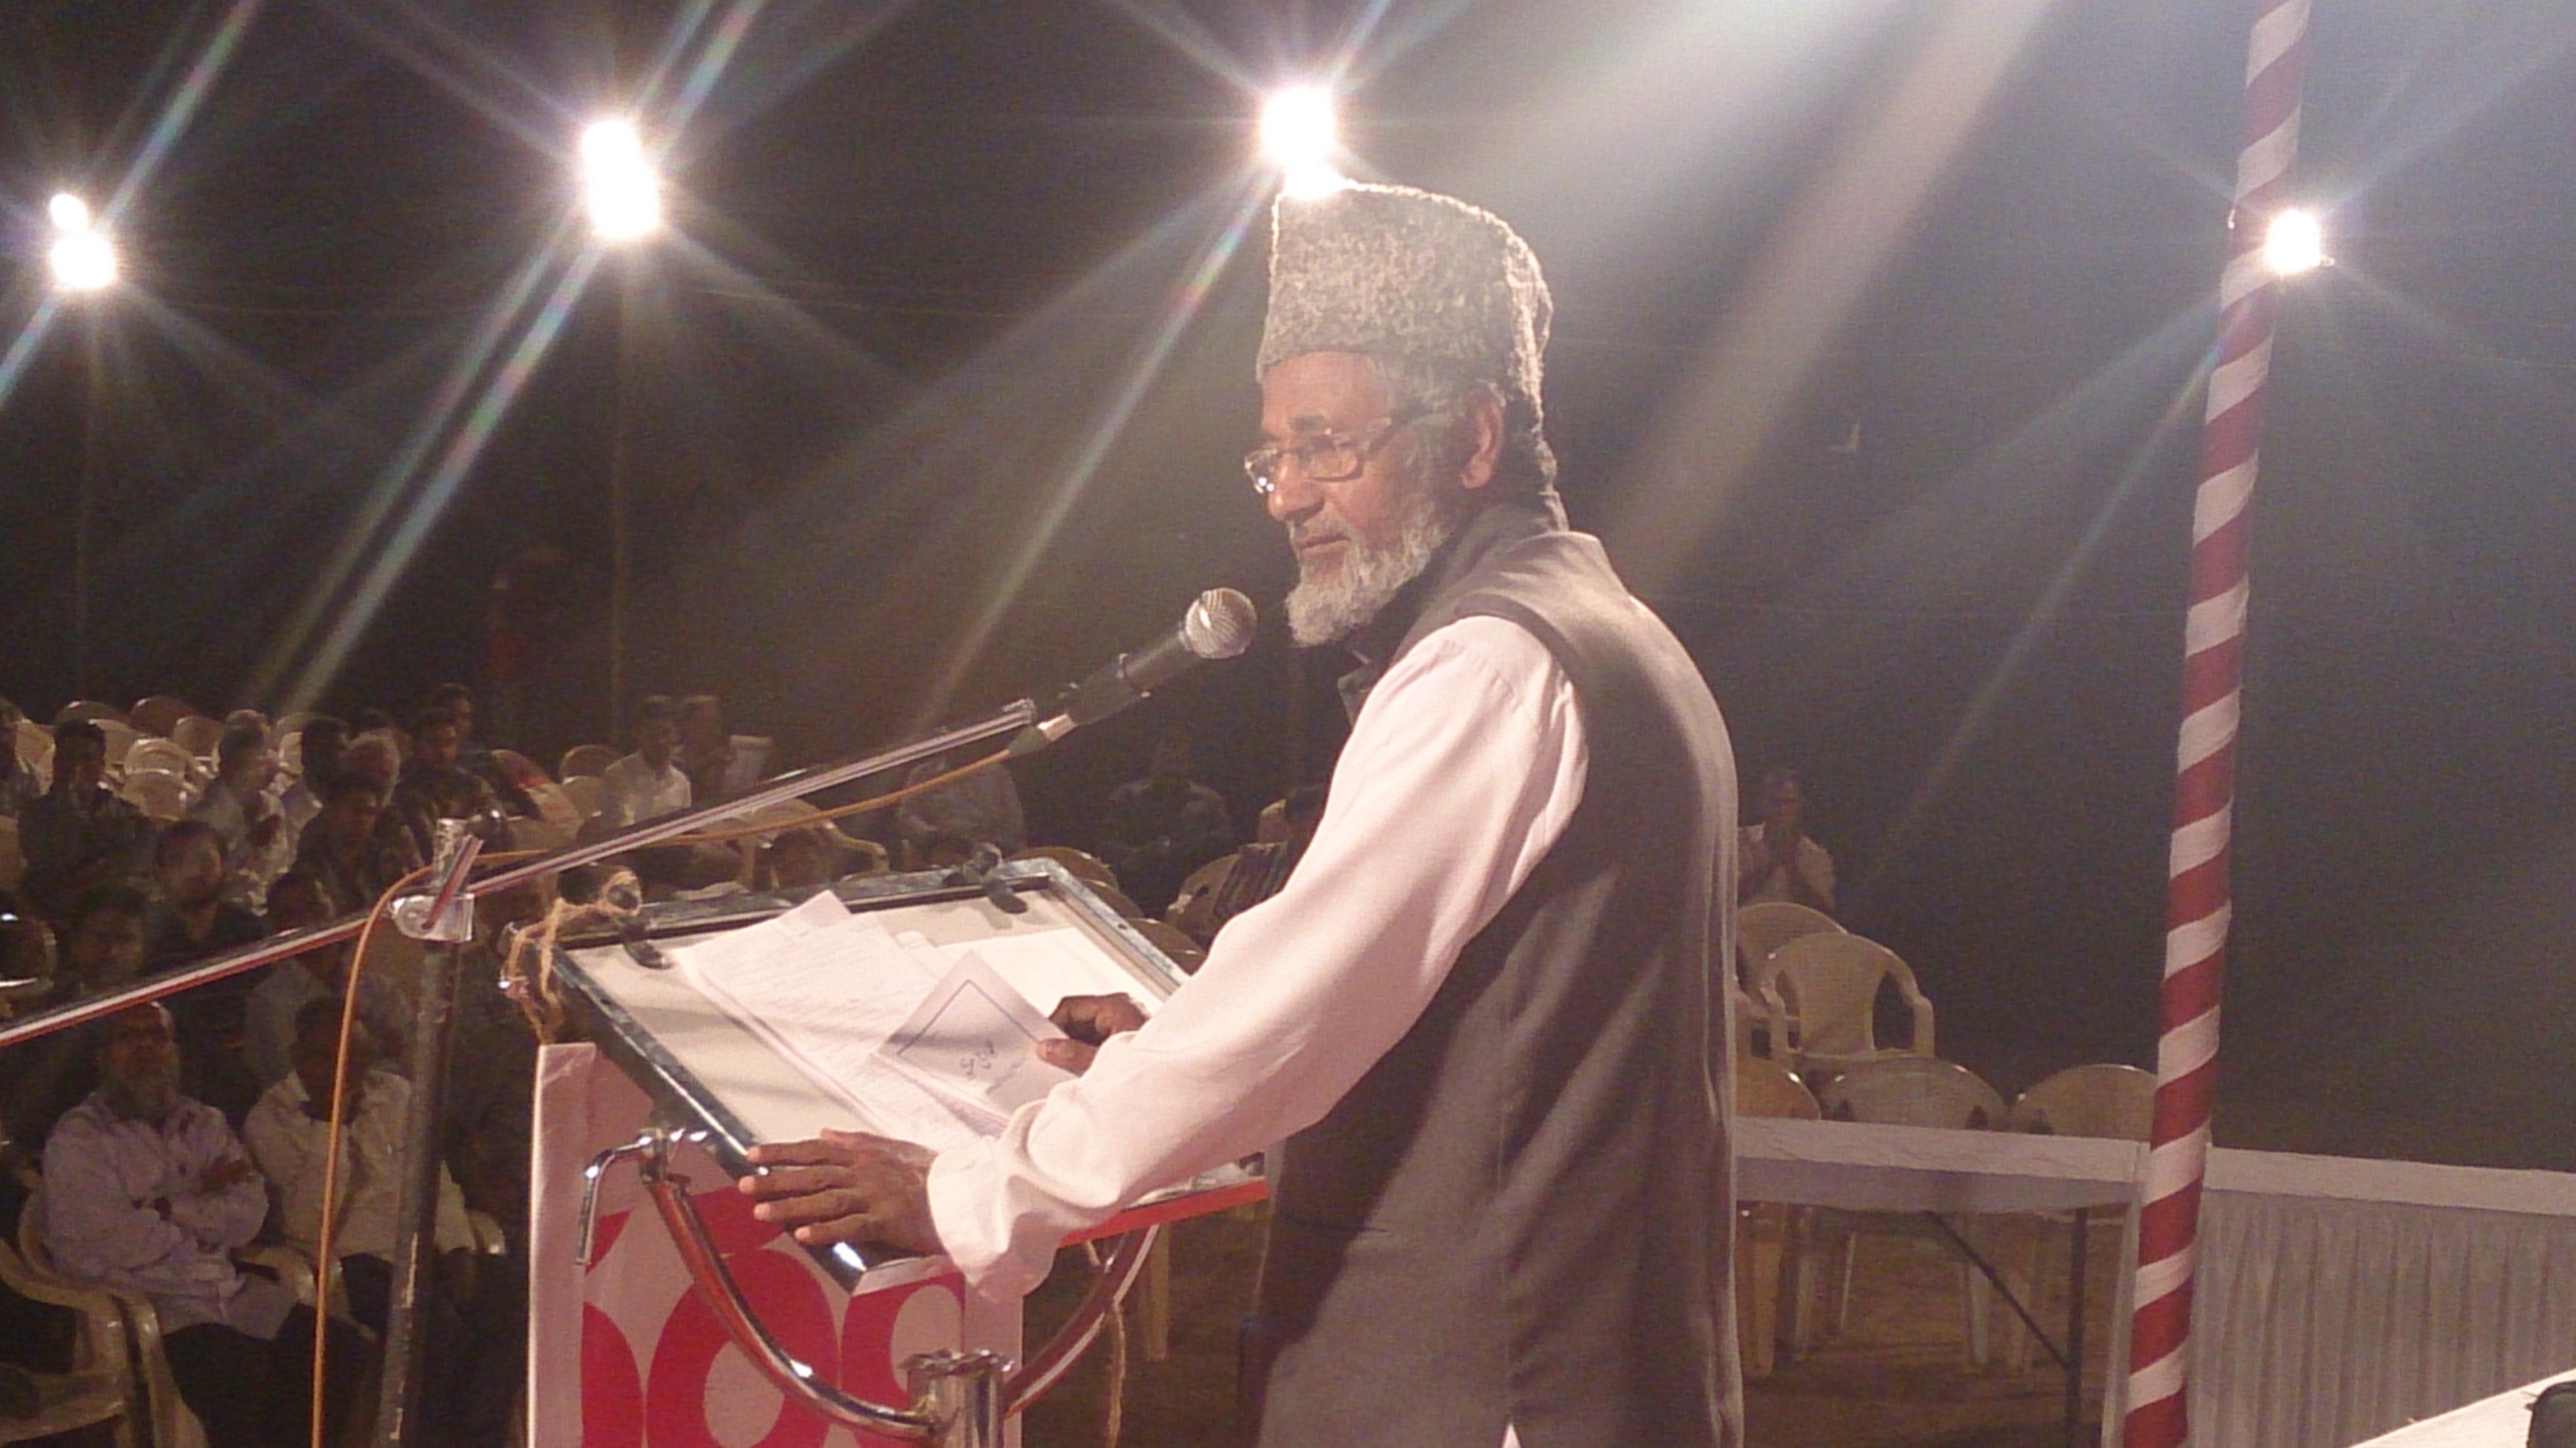 Moulana Nusrat Alisb addressing the Gathering